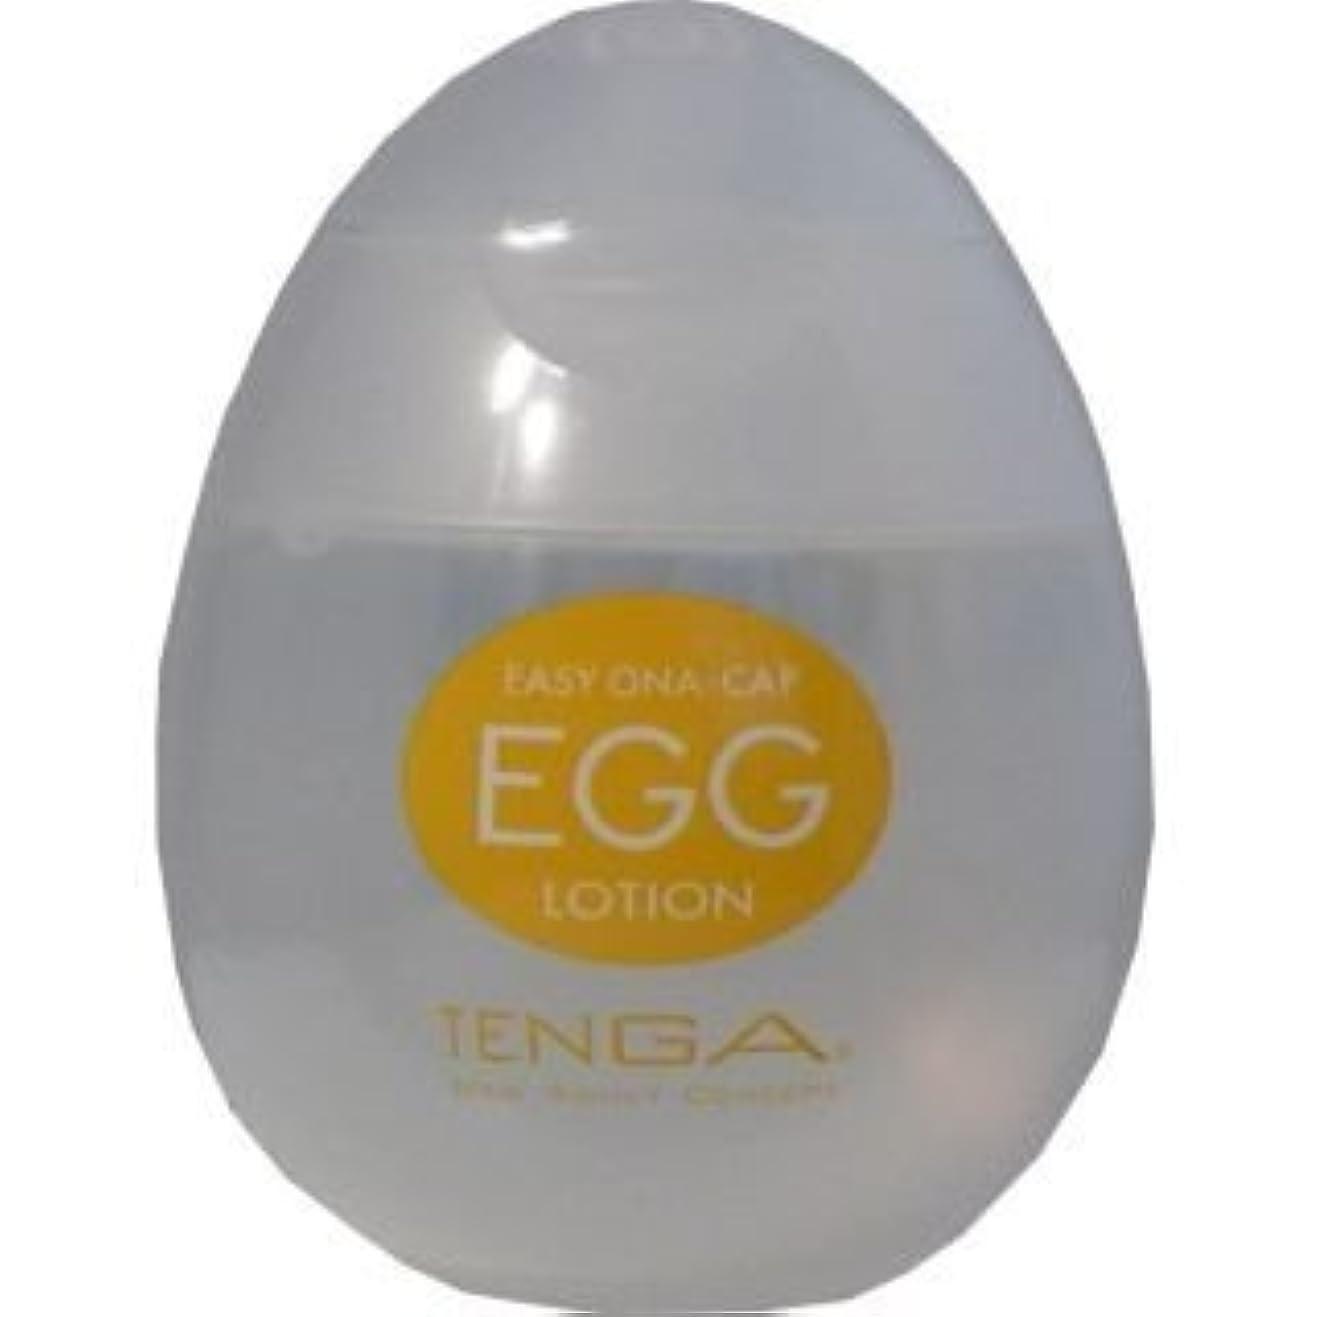 神経障害耐えられる肘保湿成分配合で潤い長持ち!TENGA(テンガ) EGG LOTION(エッグローション) EGGL-001【2個セット】